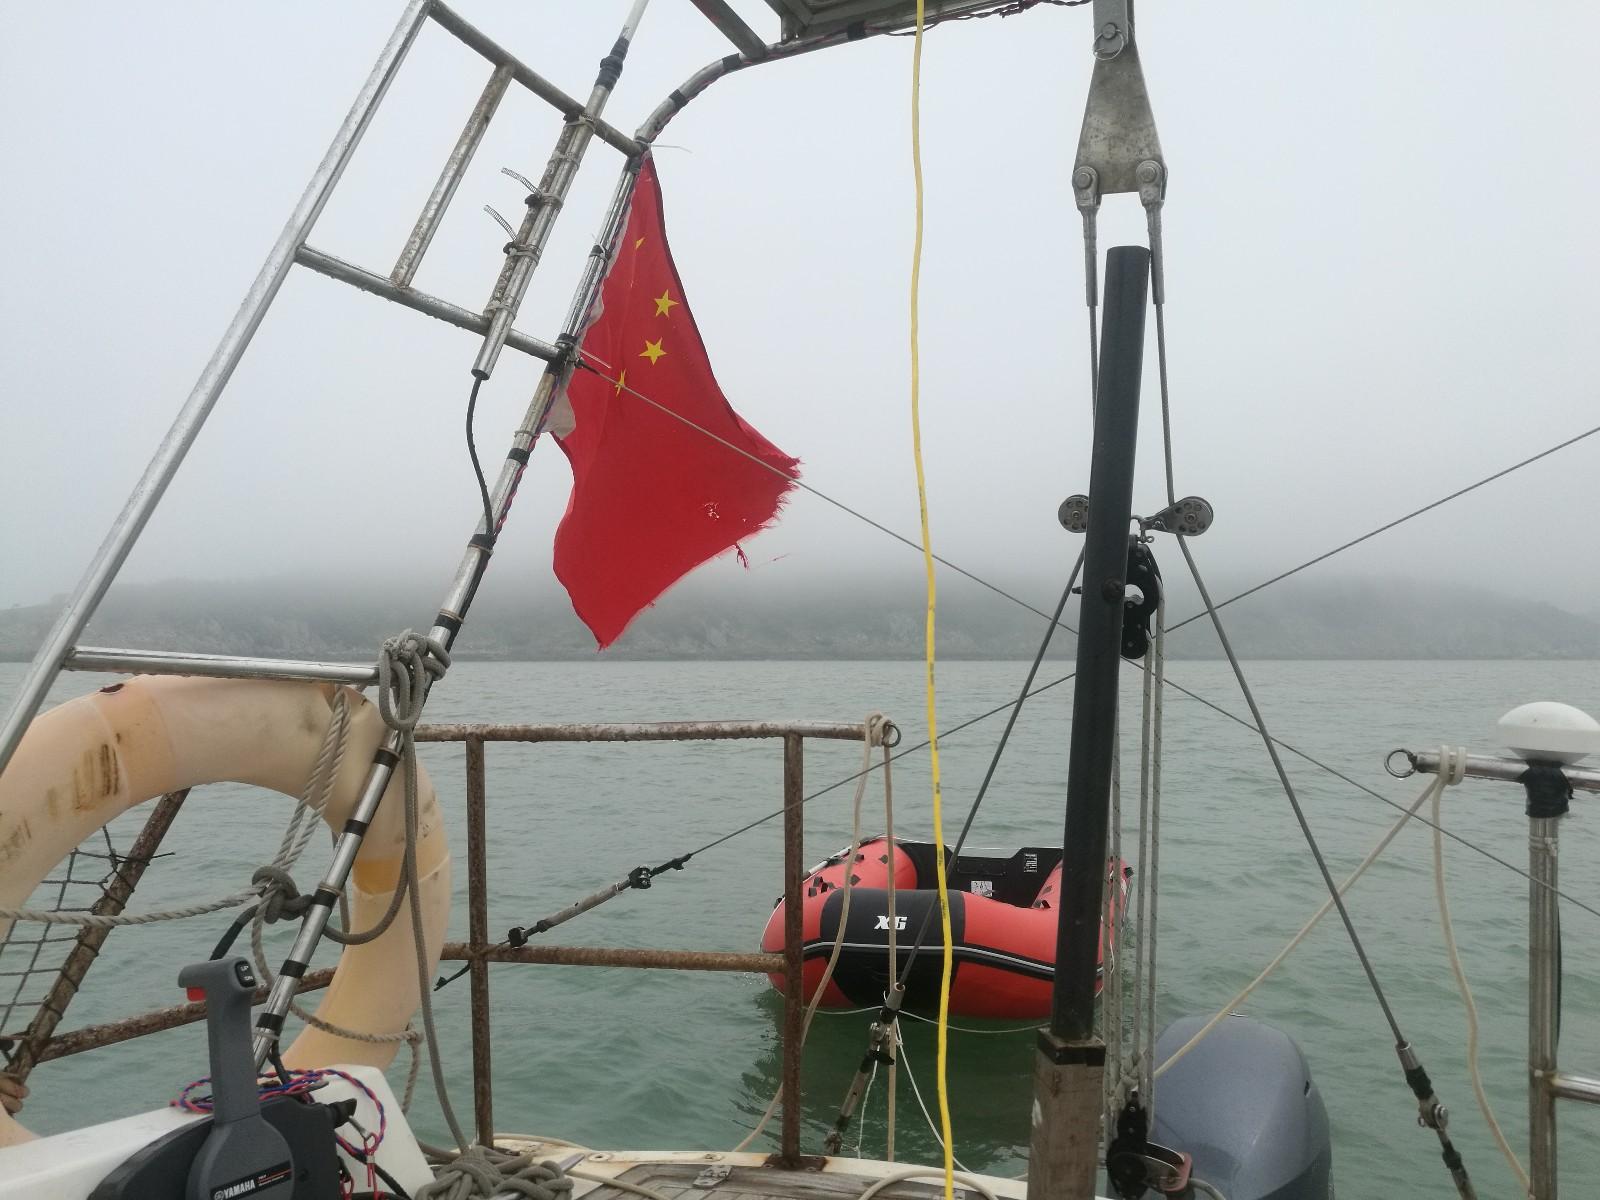 nbsp,岛屿,只能,一样,海域 真正的历练才刚刚开始,航海就是挑战自己——唐山号返航记(中篇)  160423gh14xi2i